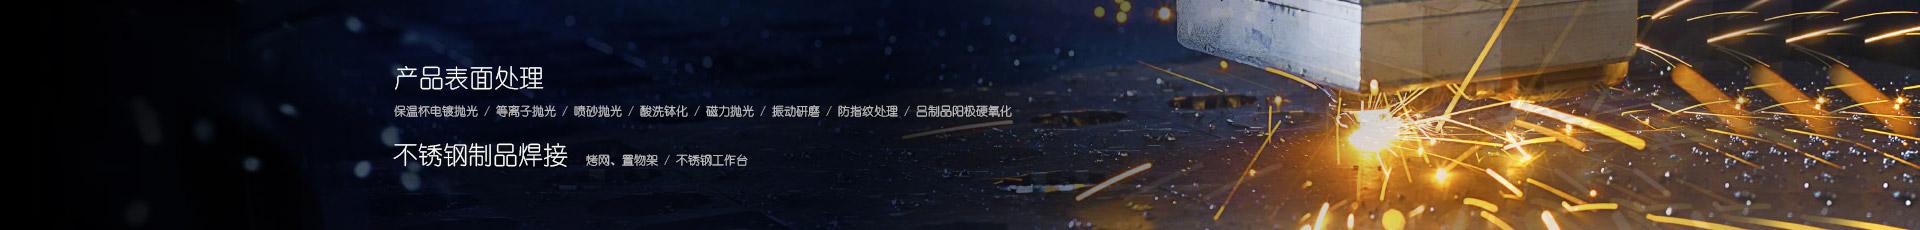 产品中心 Banner